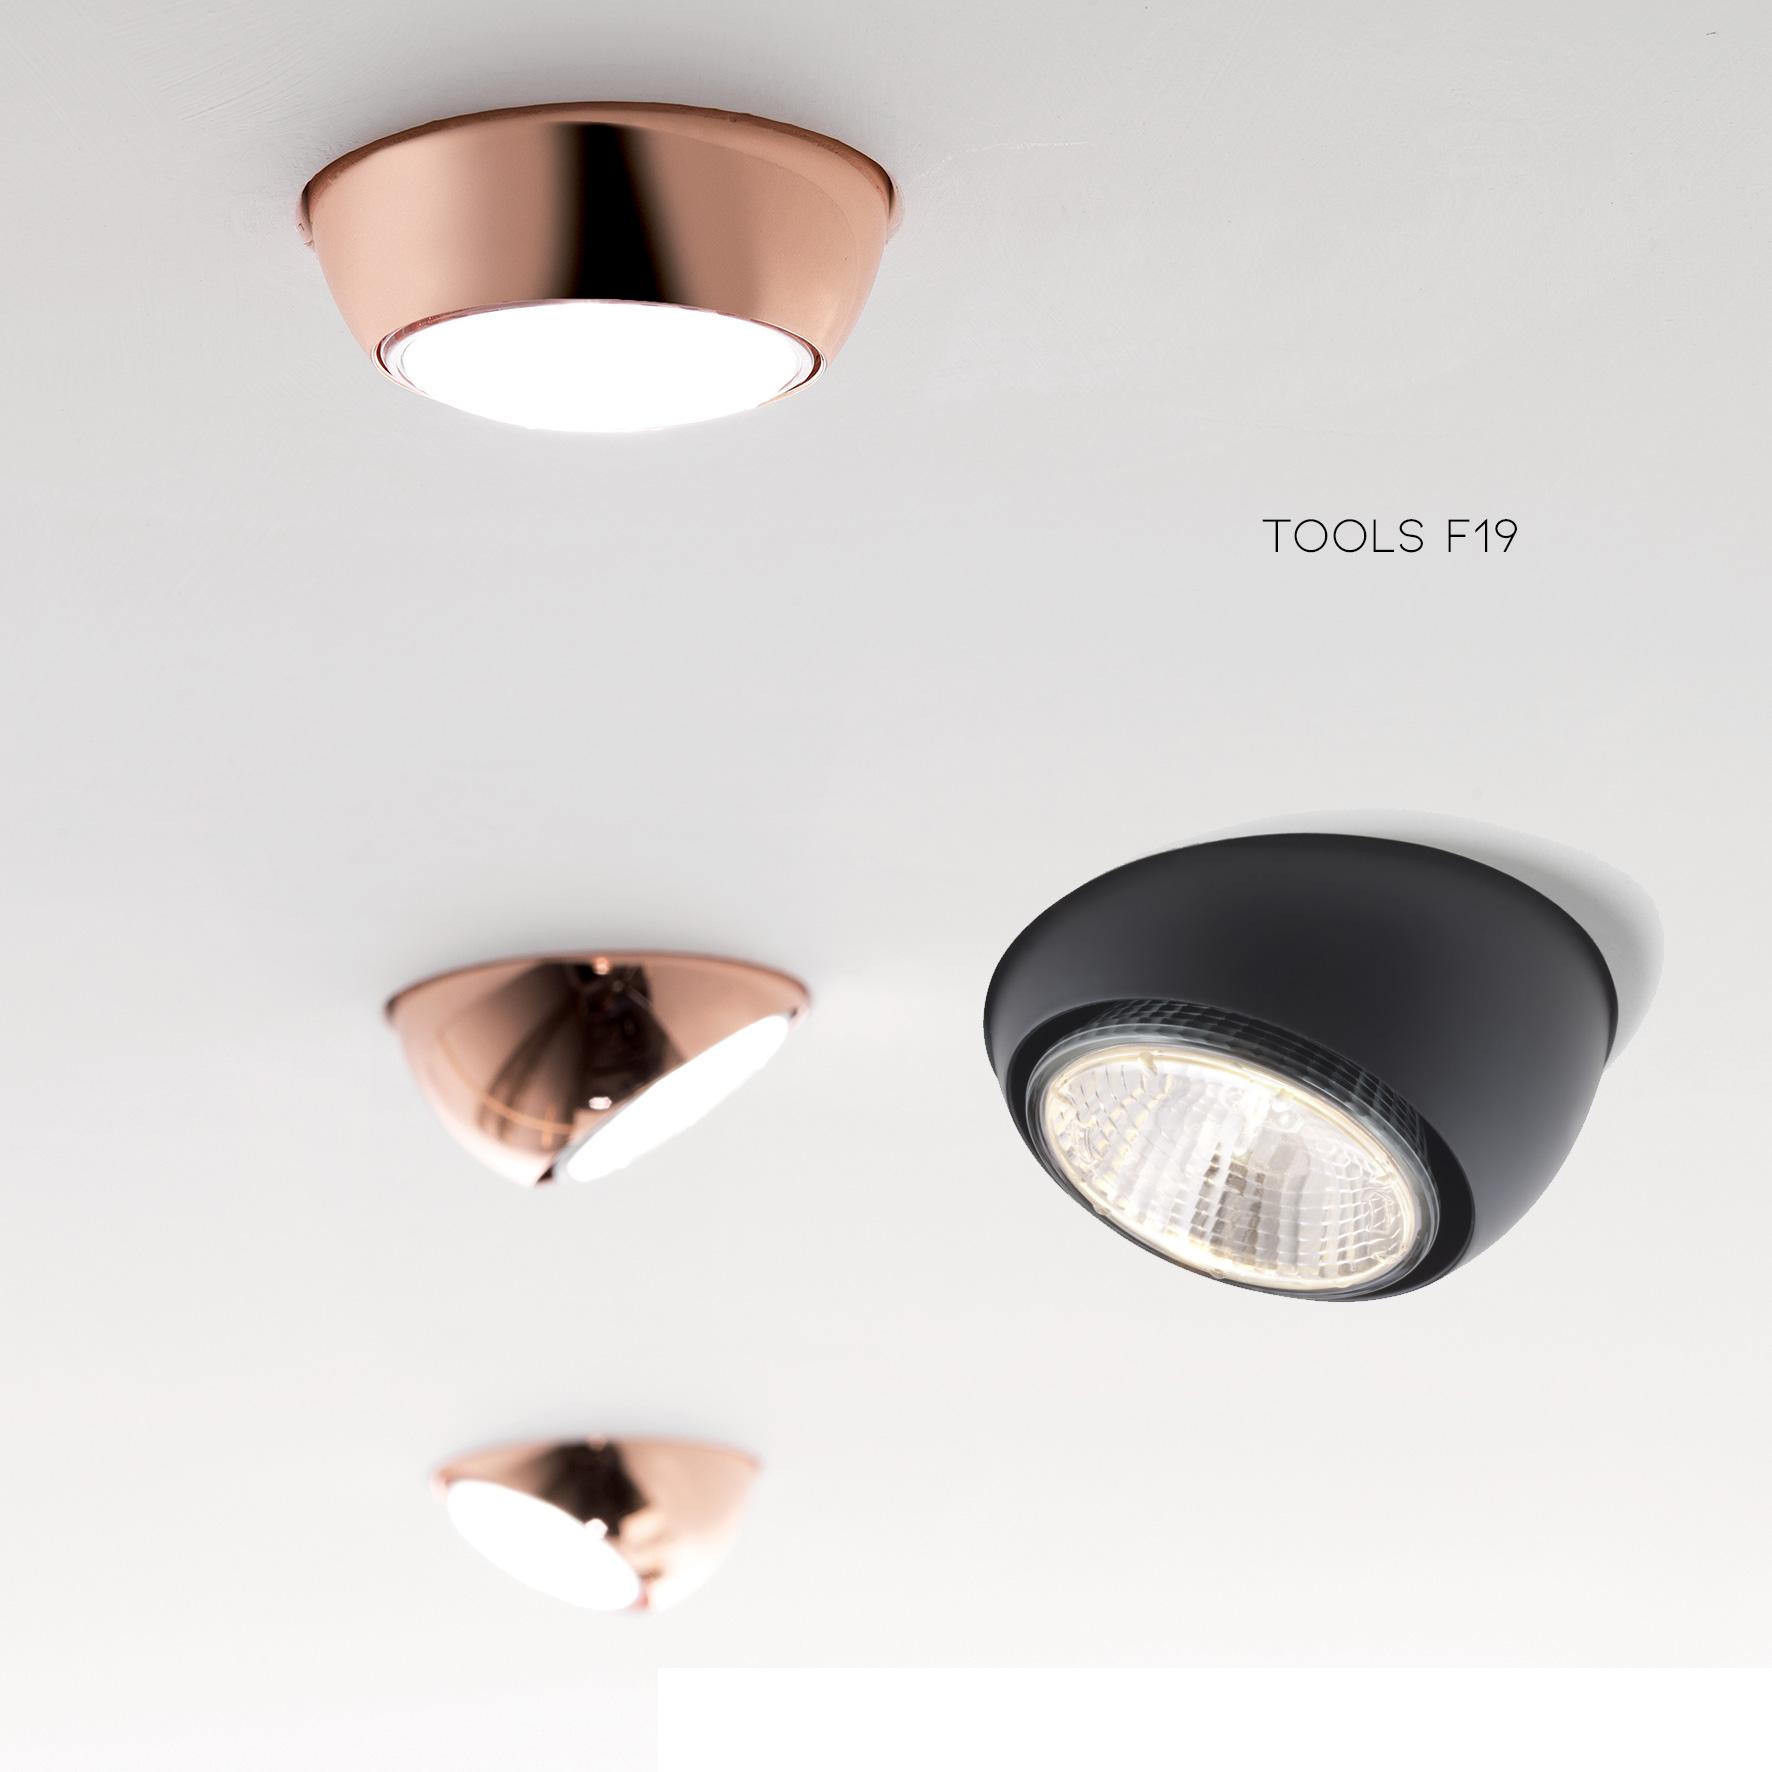 tools-f19